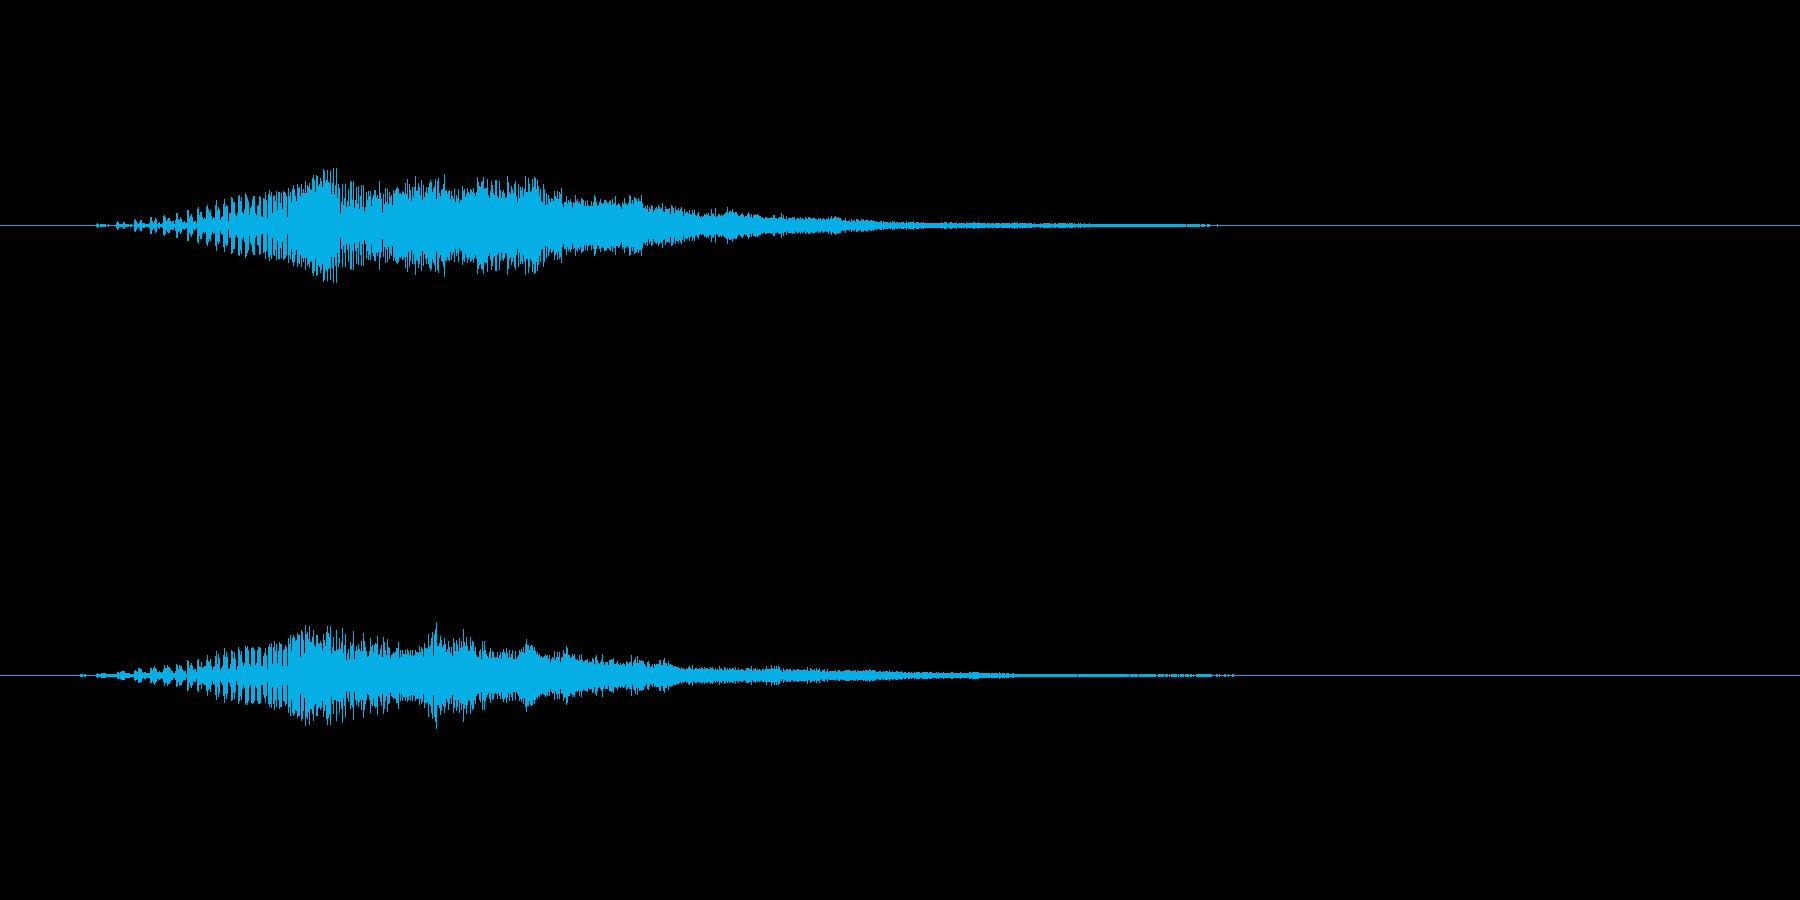 【ショートブリッジ06-up】の再生済みの波形